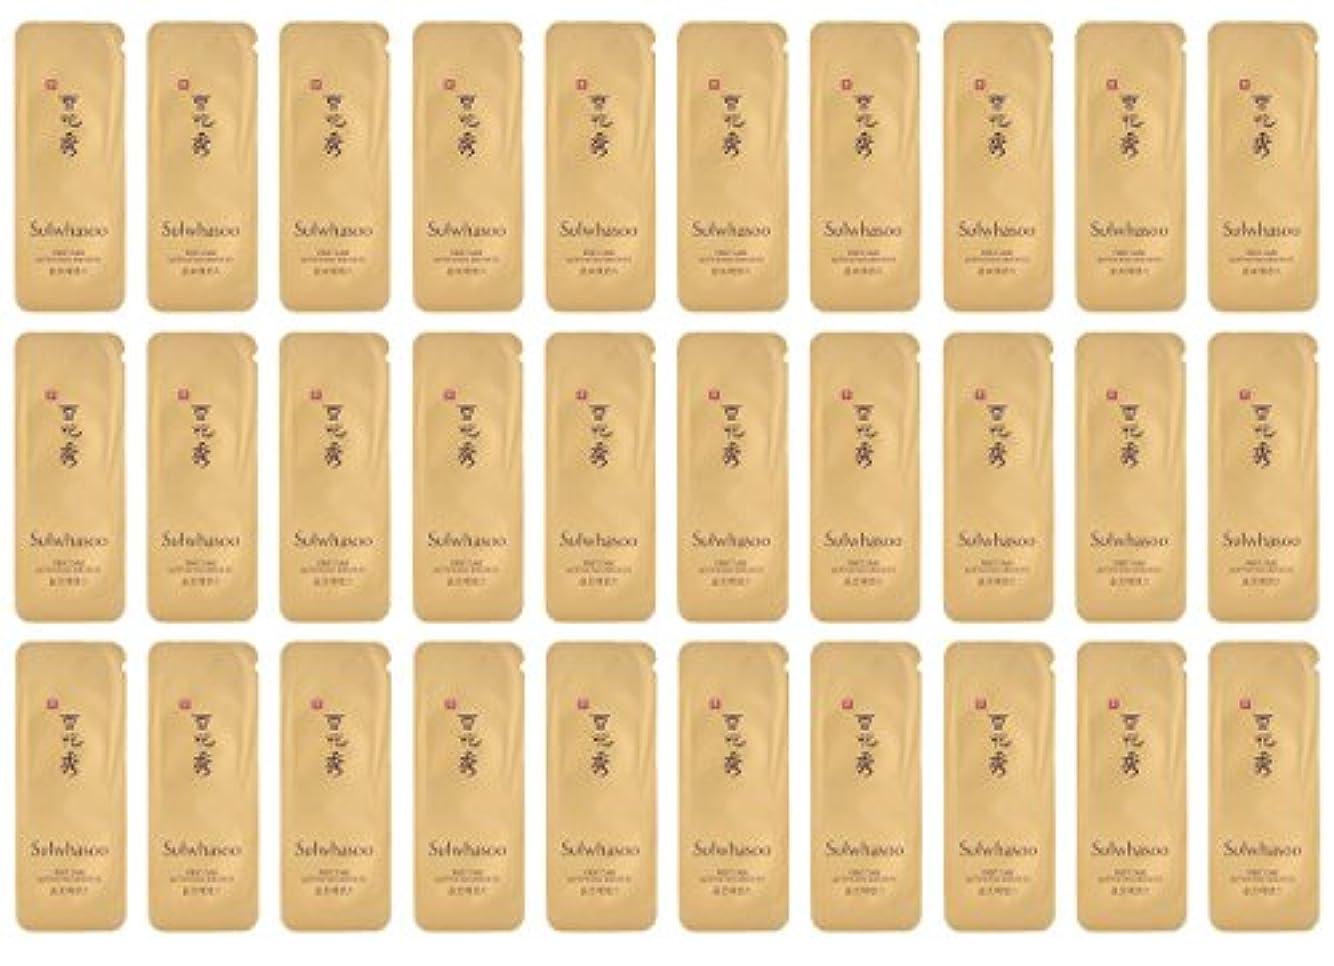 サロンくるくる自宅で【ソルファス 雪花秀 Sulwhasoo】 潤燥 ユンジョ エッセンス First Care Activating Serum EX(30ml) 1ml x 30個 韓国化粧品 ブランドのサンプル [並行輸入品]